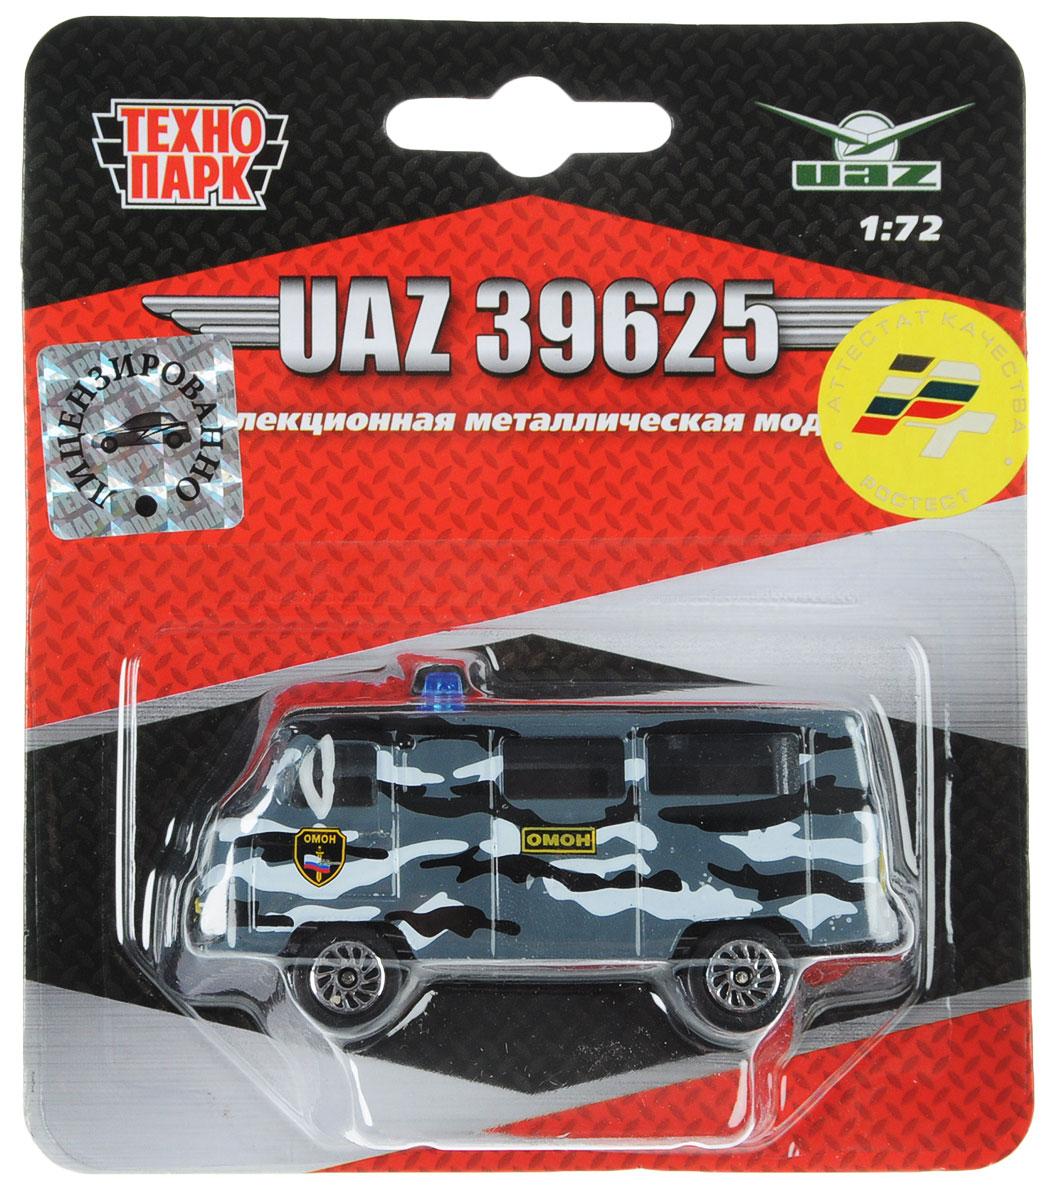 ТехноПарк Автомобиль UAZ 39625 Омон